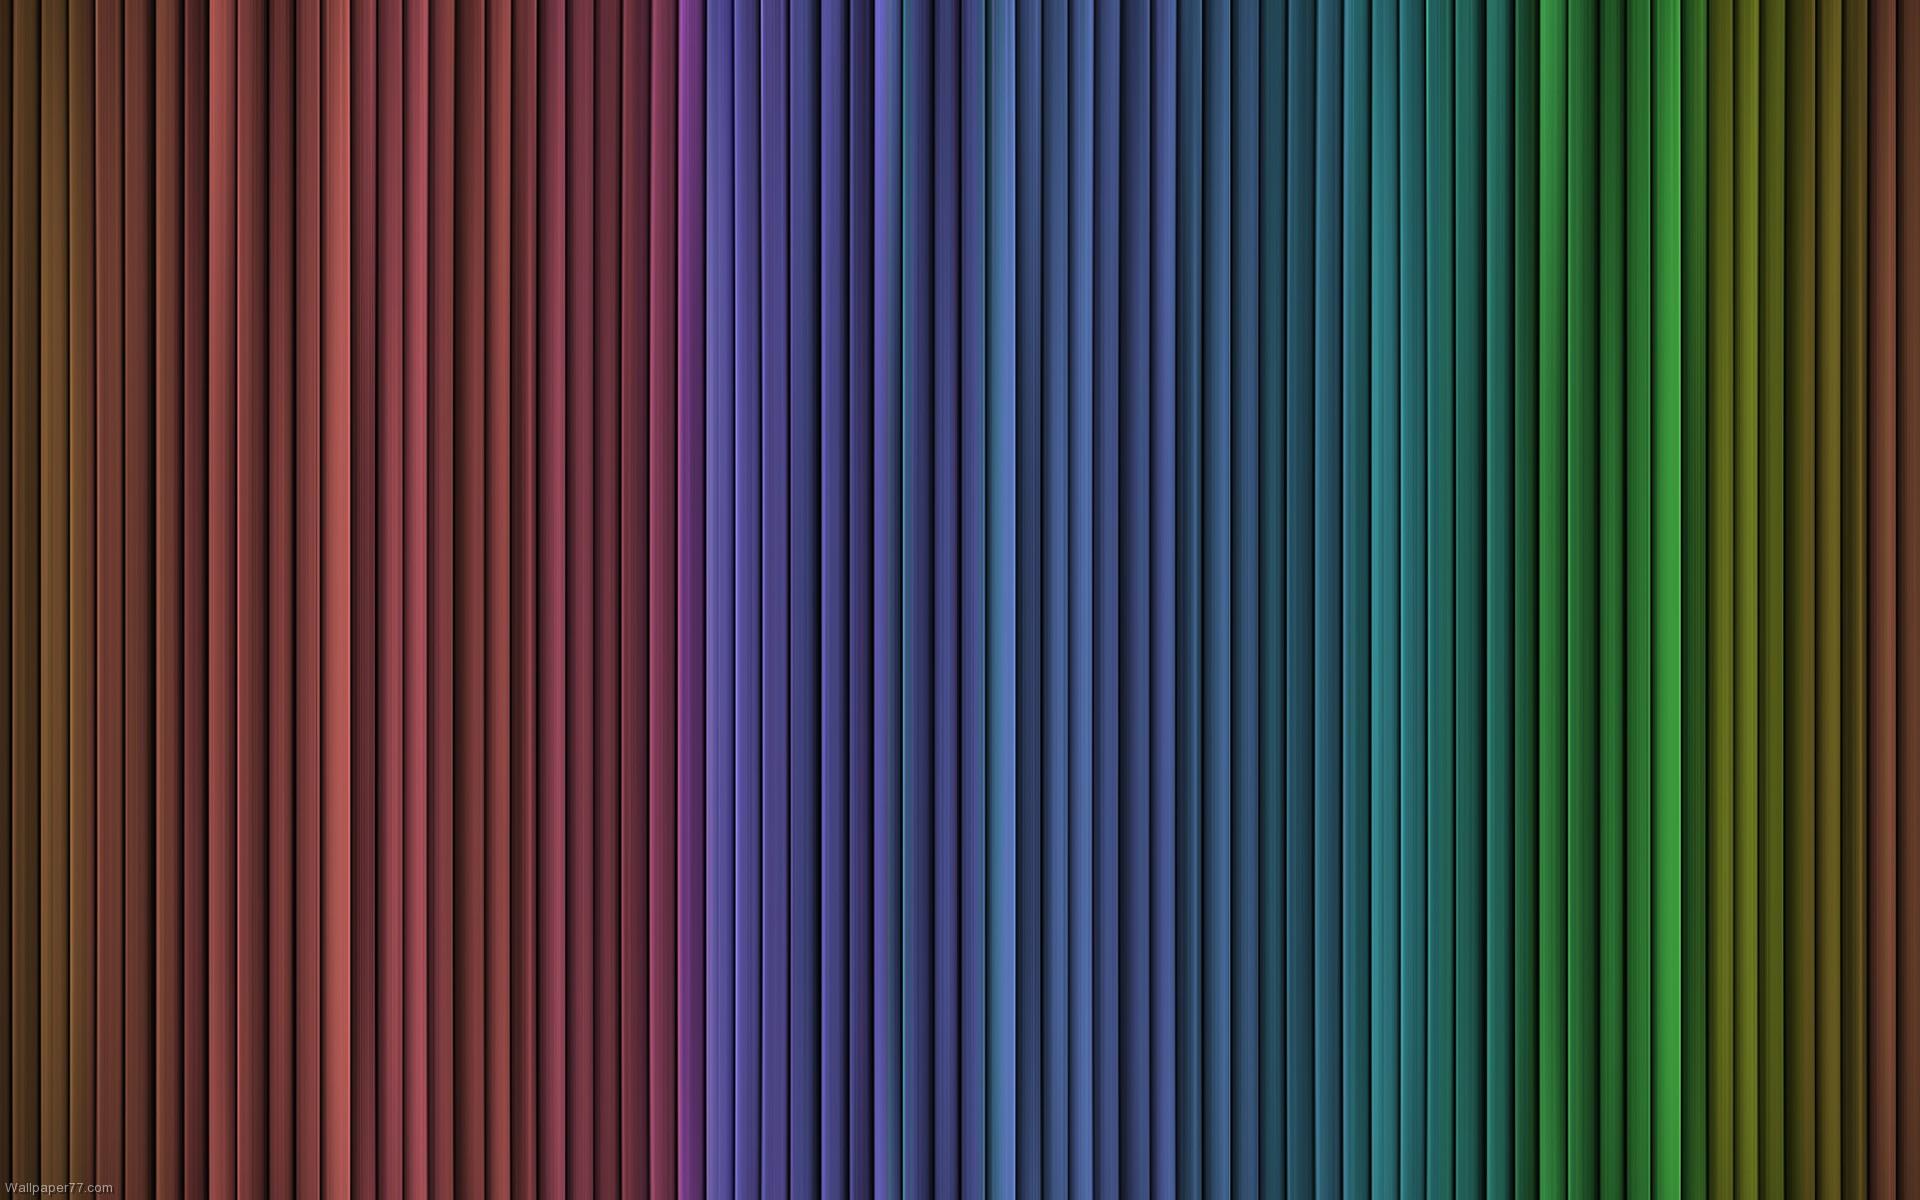 40 Free Hd Retina Display Ipad 3 Wallpapers: IPad Retina Display Wallpaper